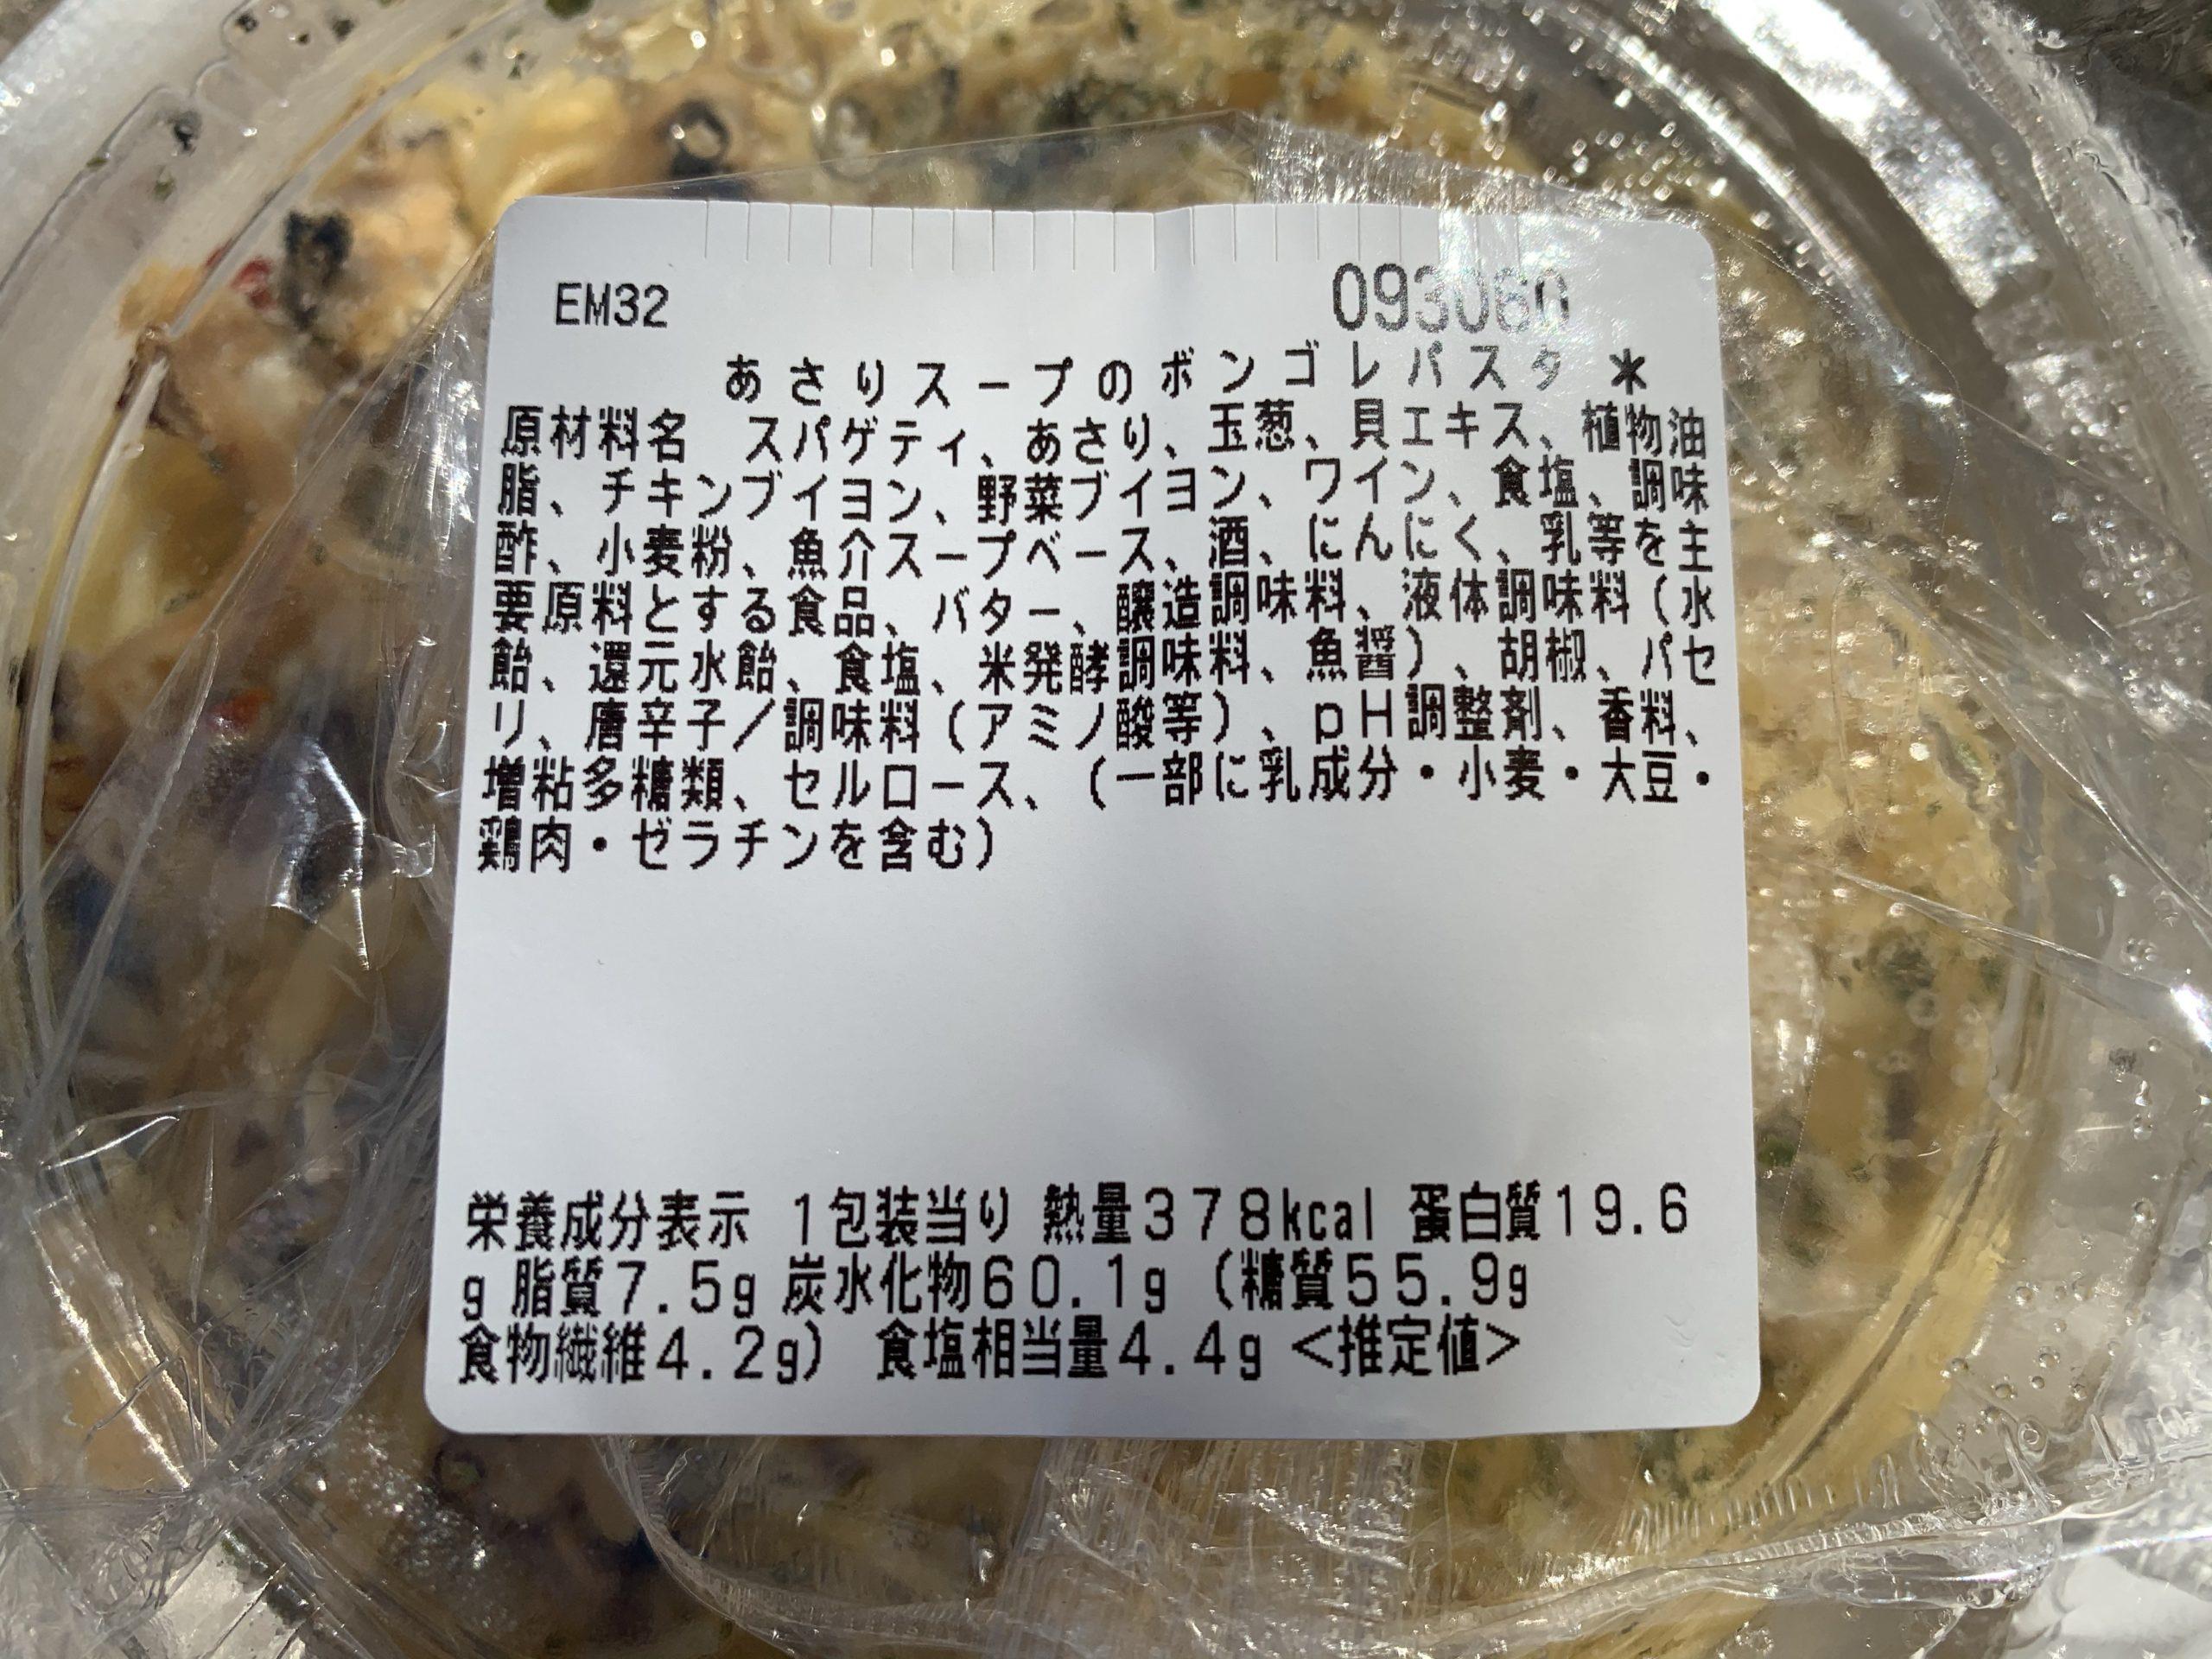 あさりスープのボンゴレパスタの原材料と栄養成分